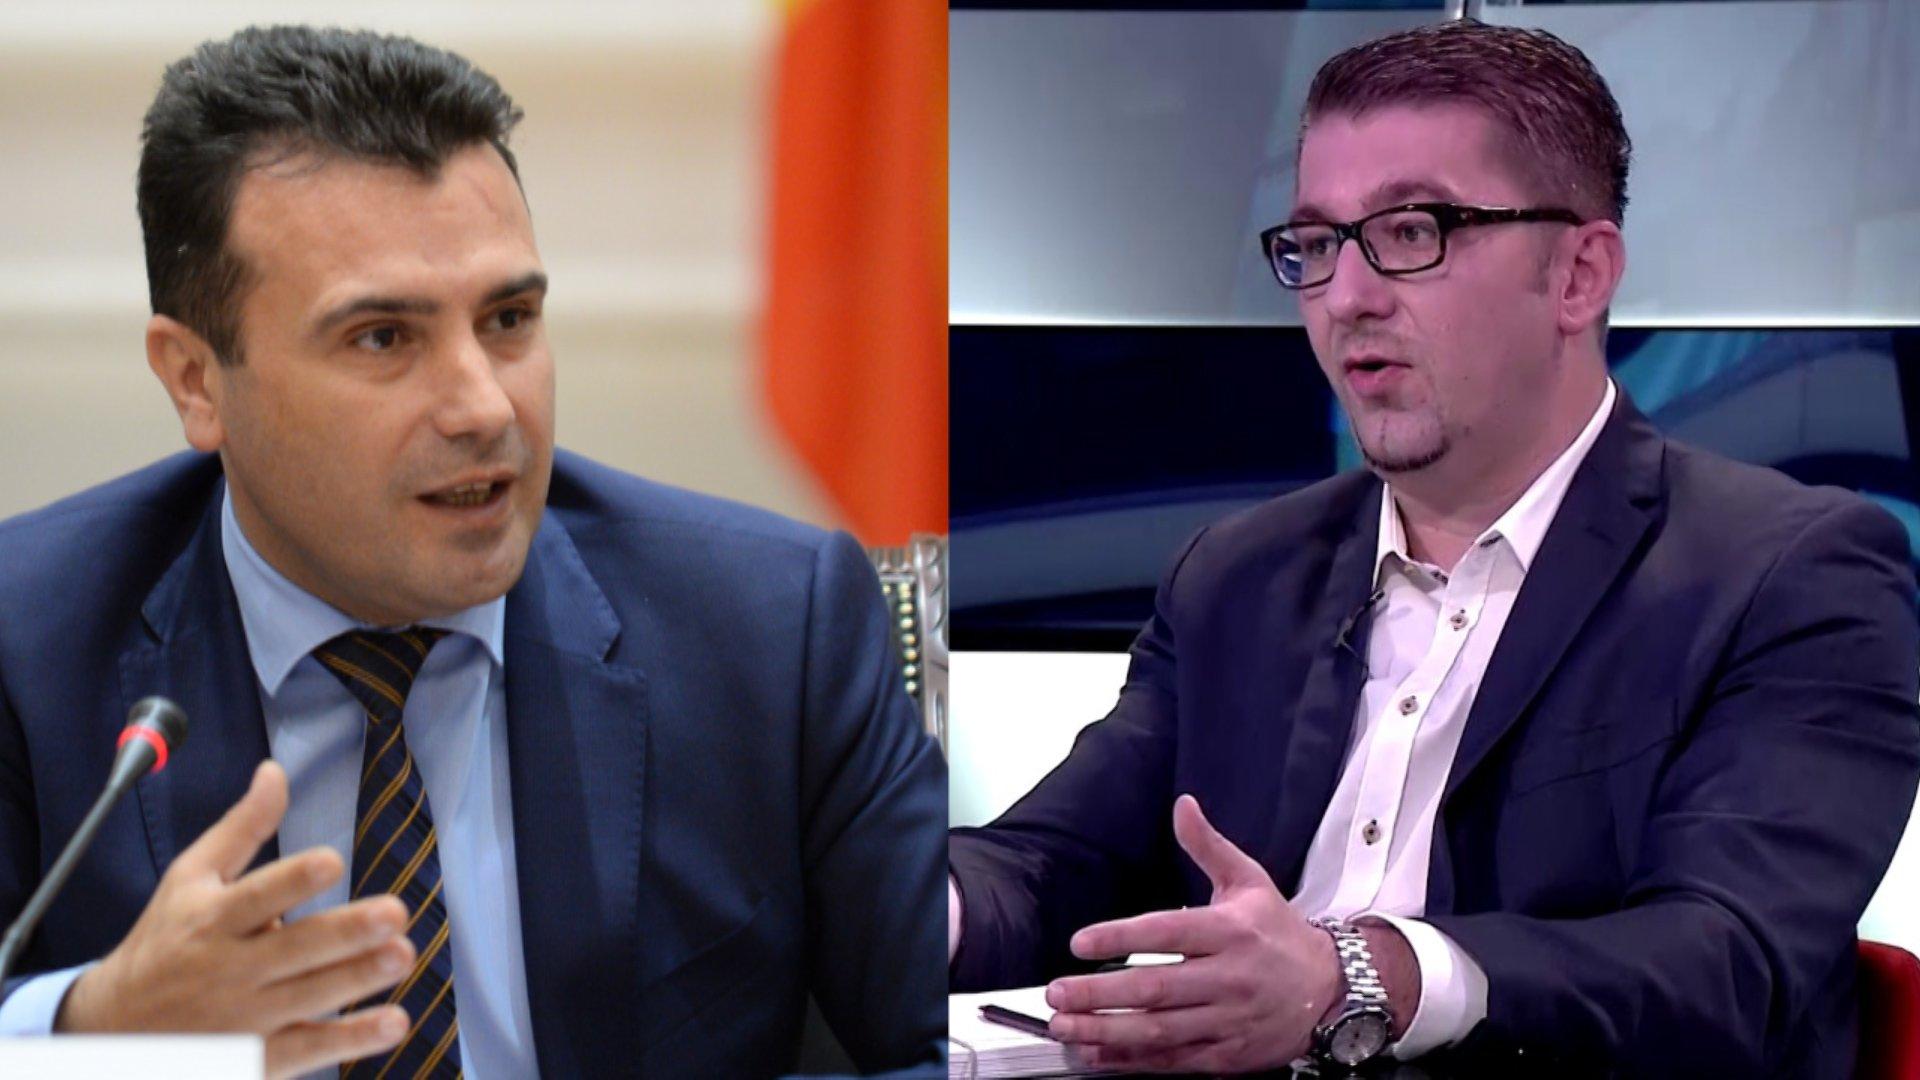 """Анкета на """"Рејтинг"""": Мнозинство граѓани сметаат дека Заев би бил подобар премиер од Мицкоски"""